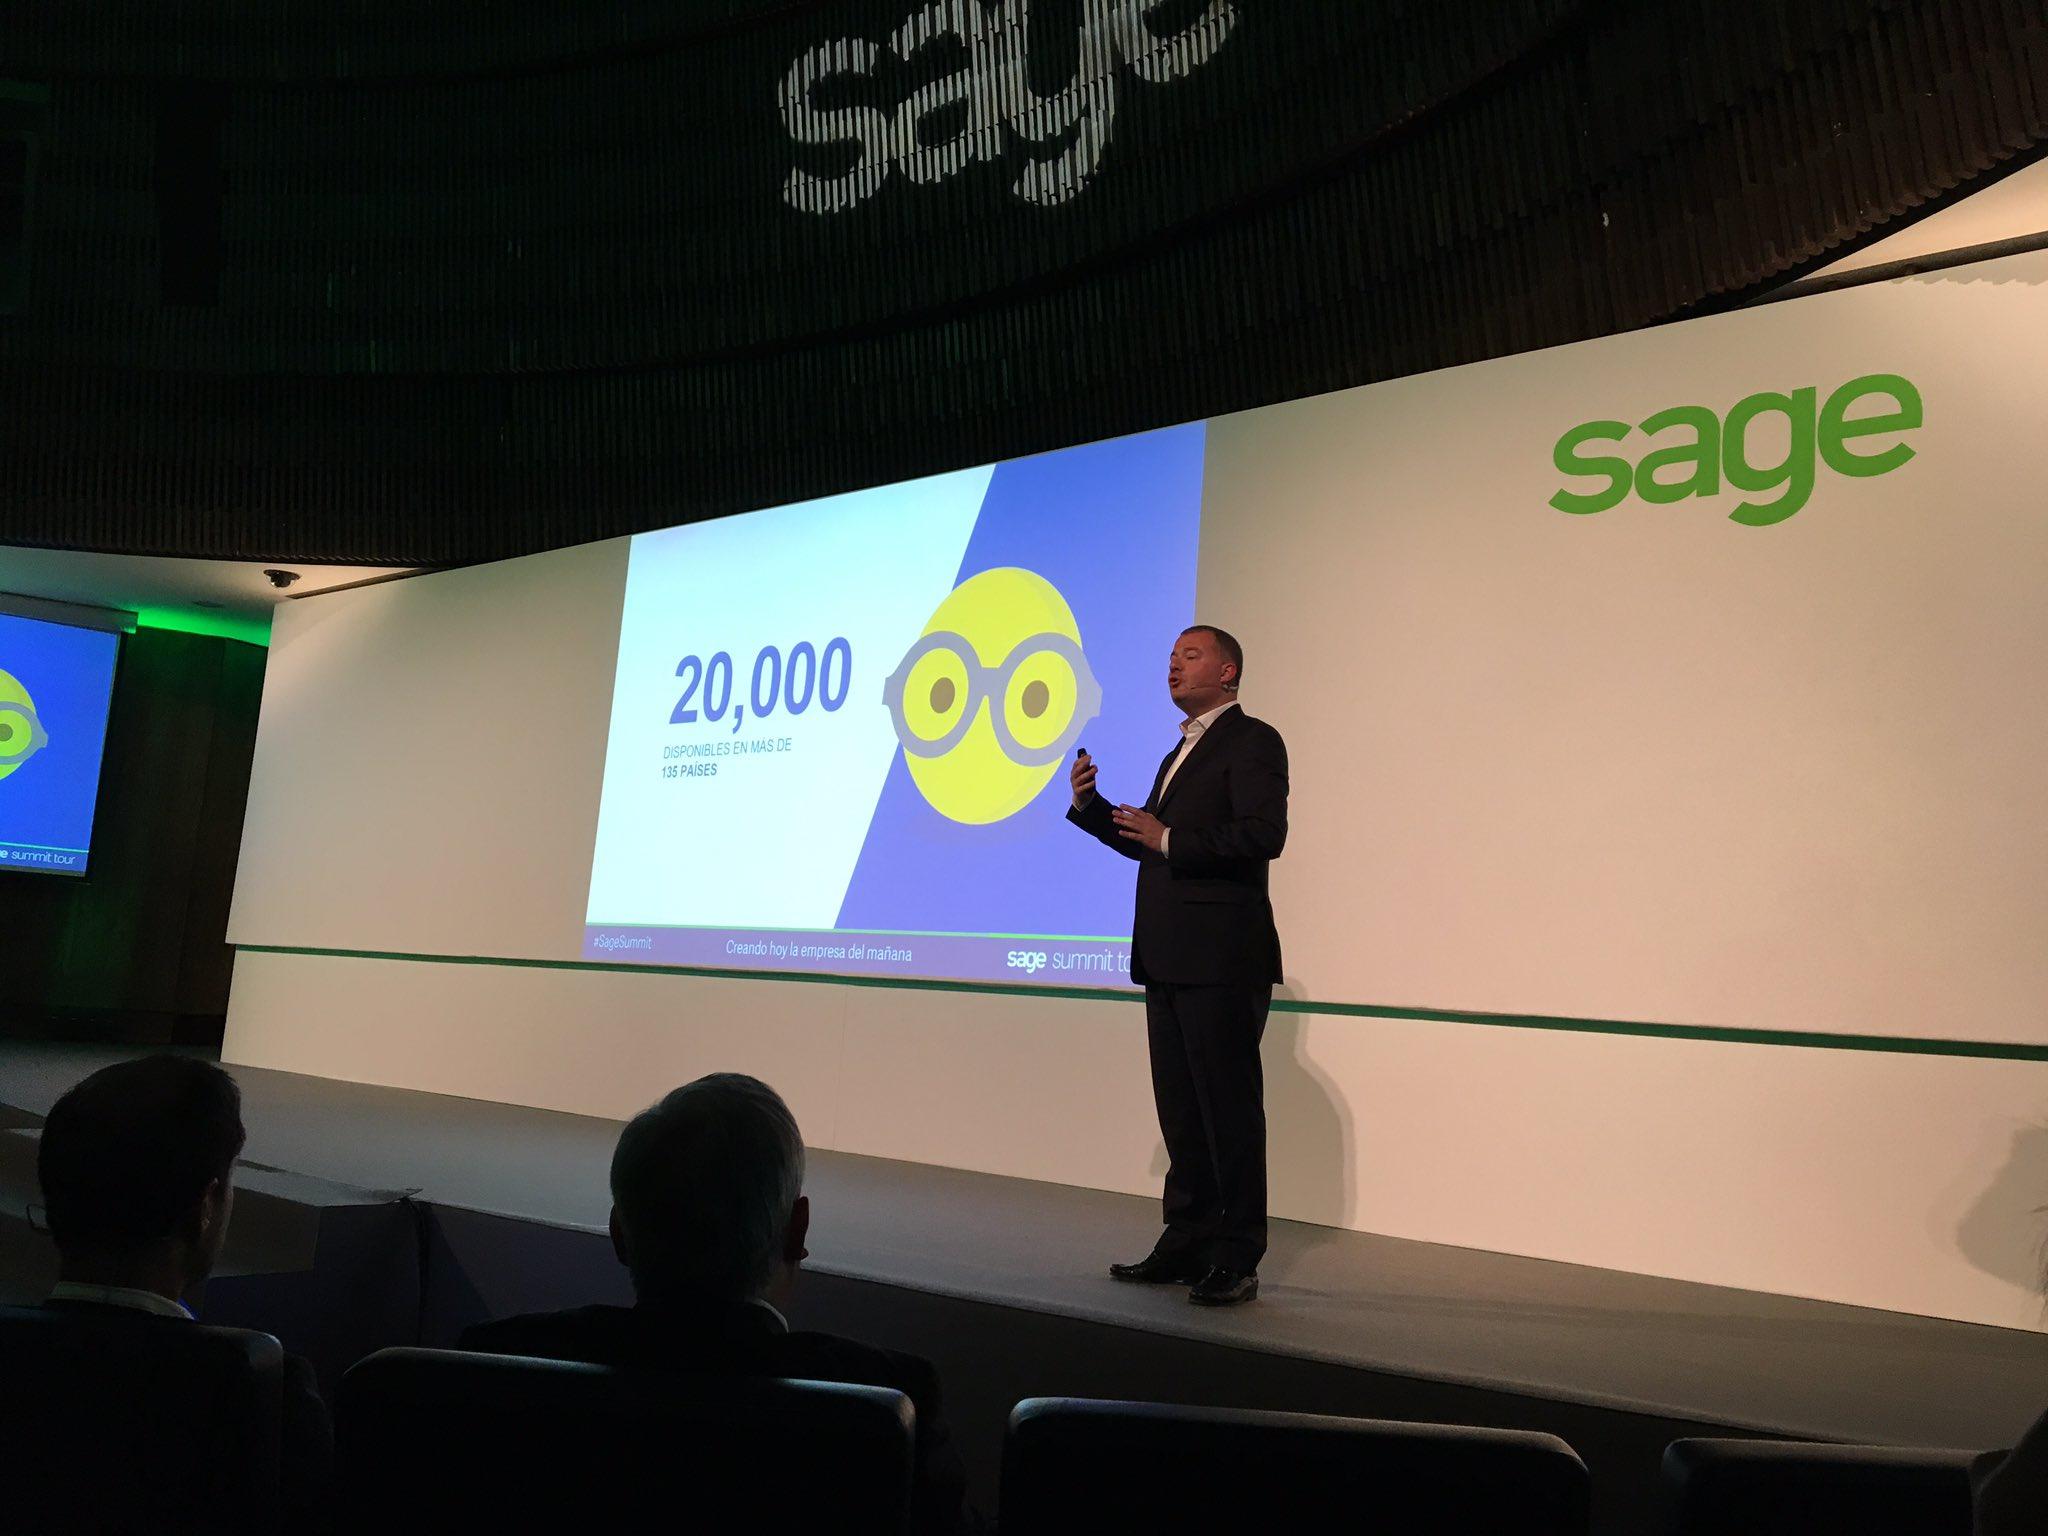 La administración automatizada con #Pegg cada vez más cerca con @SageSpain @SagePartners @sageportugal https://t.co/Bi416it9NF